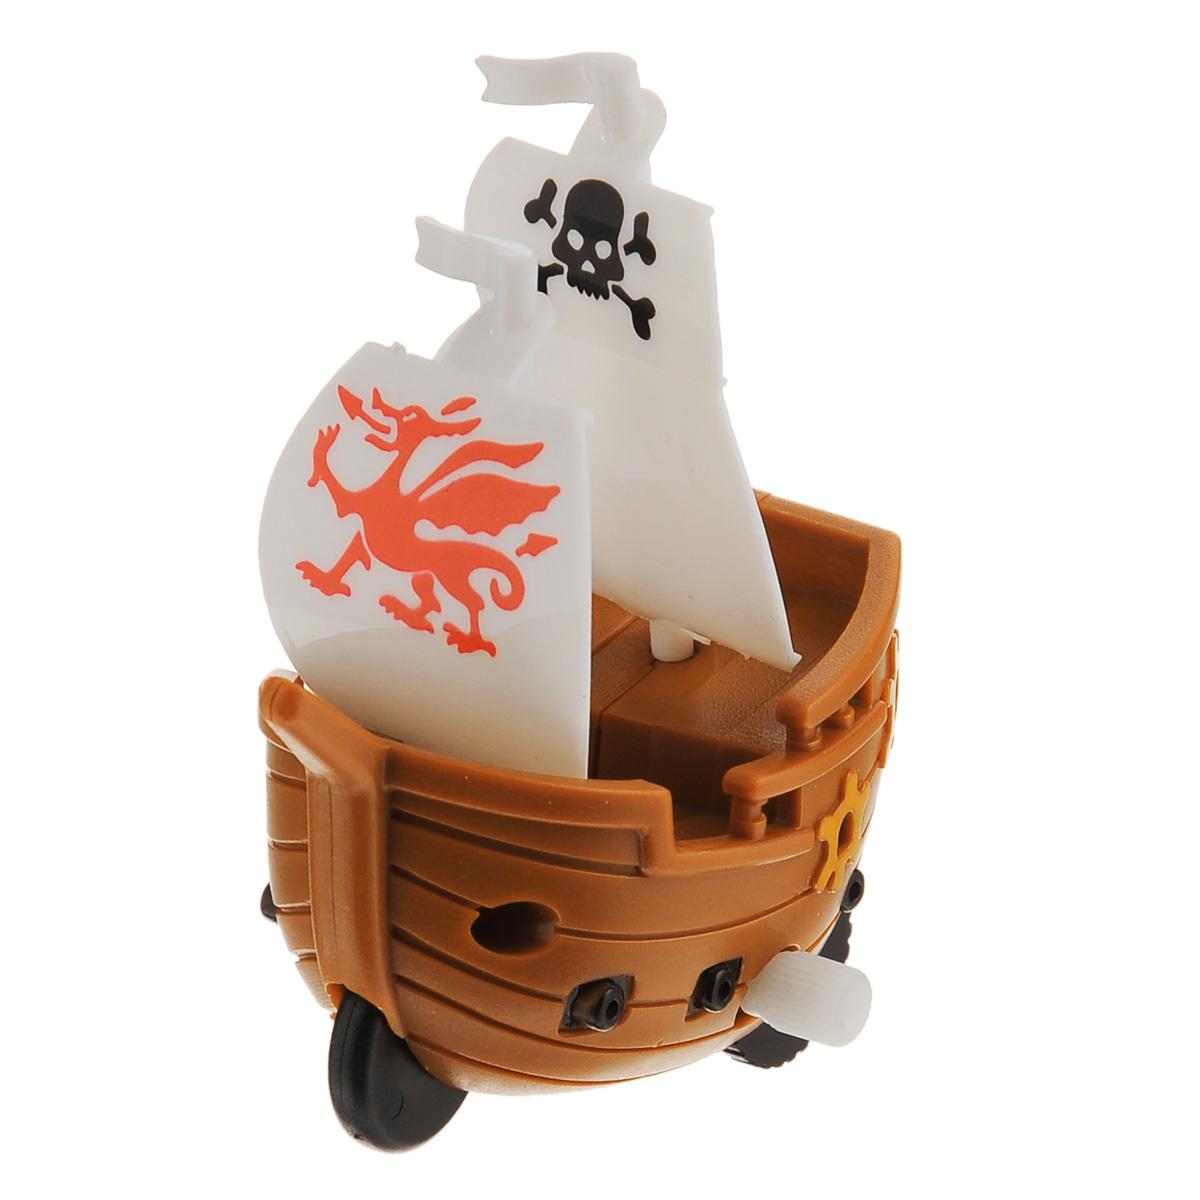 Игрушка заводная Корабль. Флаг с драконом, цвет: коричневый2K-P1XBDИгрушка Hans Корабль. Флаг Флаг с драконом привлечет внимание вашего малыша и не позволит ему скучать! Выполненная из безопасного пластика, игрушка представляет собой пиратский корабль. Игрушка имеет механический завод. Для запуска, придерживая колеса, поверните заводной ключ по часовой стрелке до упора. Установите игрушку на поверхность и она поедет вперед. Игра с заводными игрушками способствует приятному времяпрепровождению, стимулирует ребенка к активным действиям, научит устанавливать причинно-следственные связи. Мелкие детали и разнофактурные материалы благоприятствуют развитию тактильных ощущений и моторики пальчиков, а яркие цвета и забавные формы стимулируют зрение.